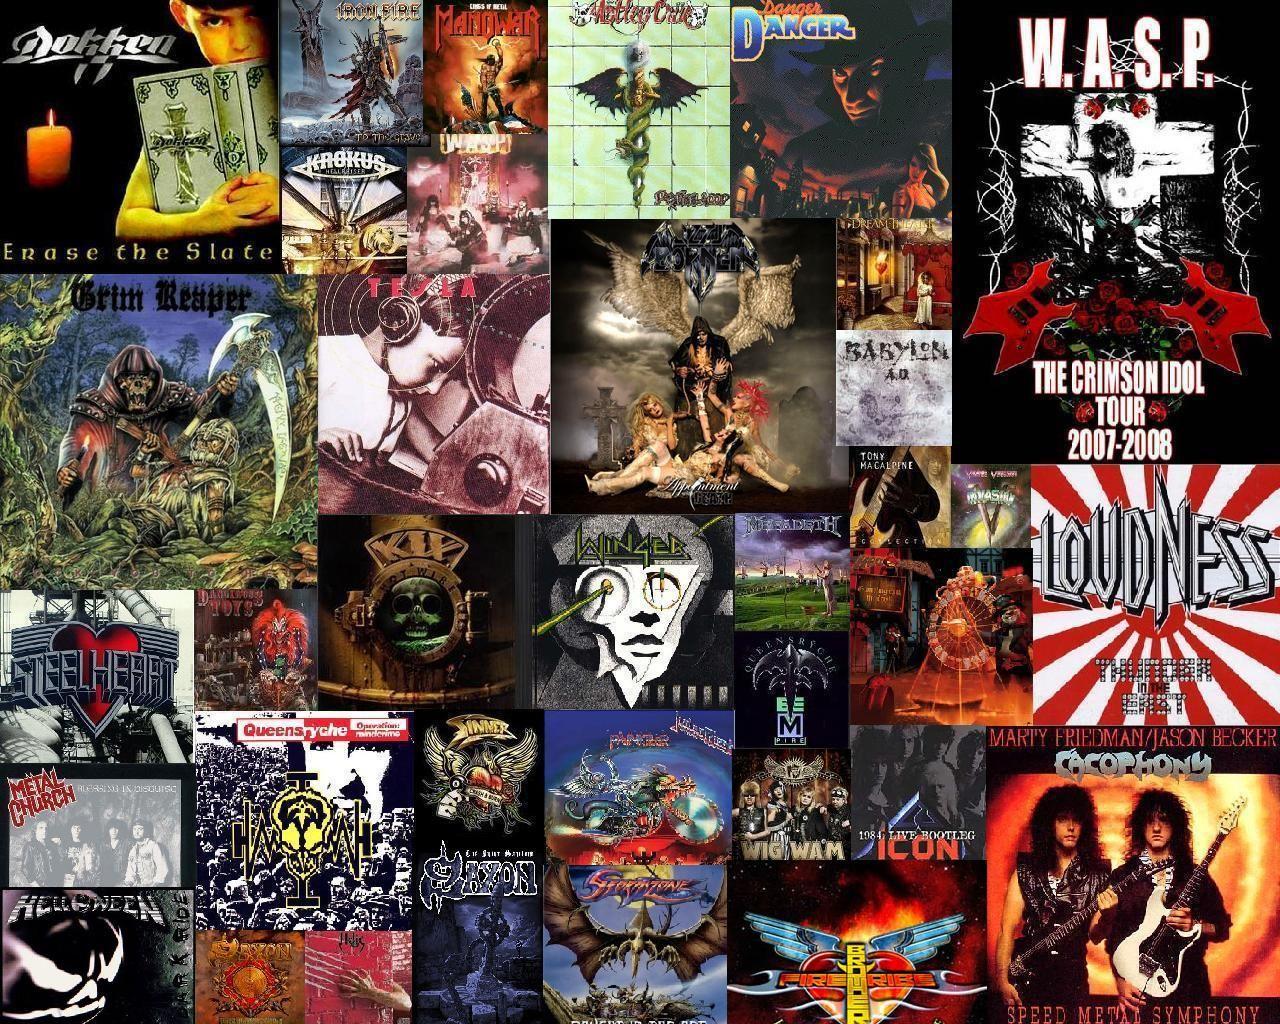 Heavy Metal Computer Wallpapers Desktop Backgrounds 1280x1024 Id 179951 Band Wallpapers Music Wallpaper Heavy Metal